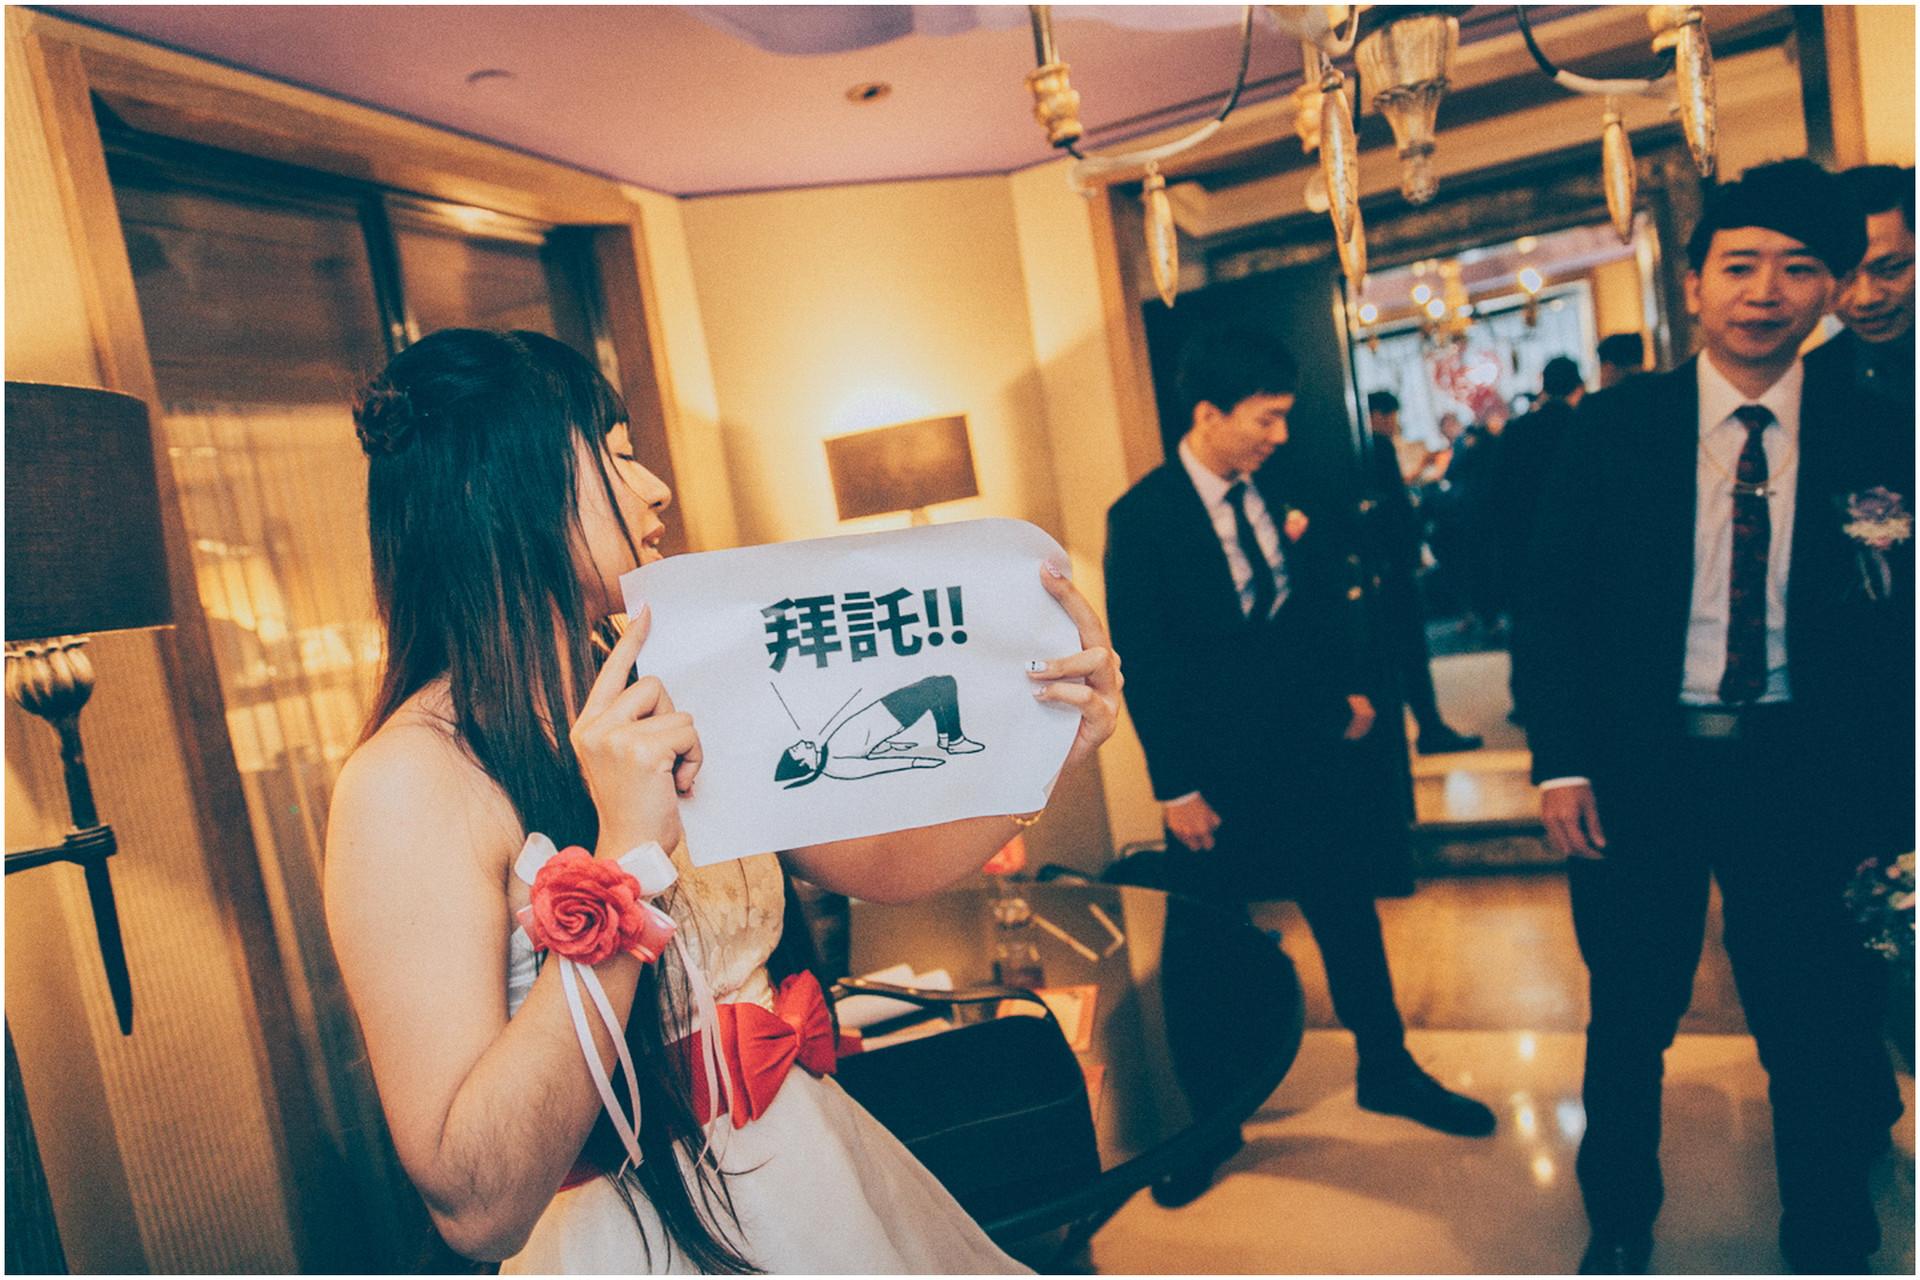 婚禮紀錄 / 平面拍攝 / 戶外婚禮 / 類婚紗 / 君品酒店